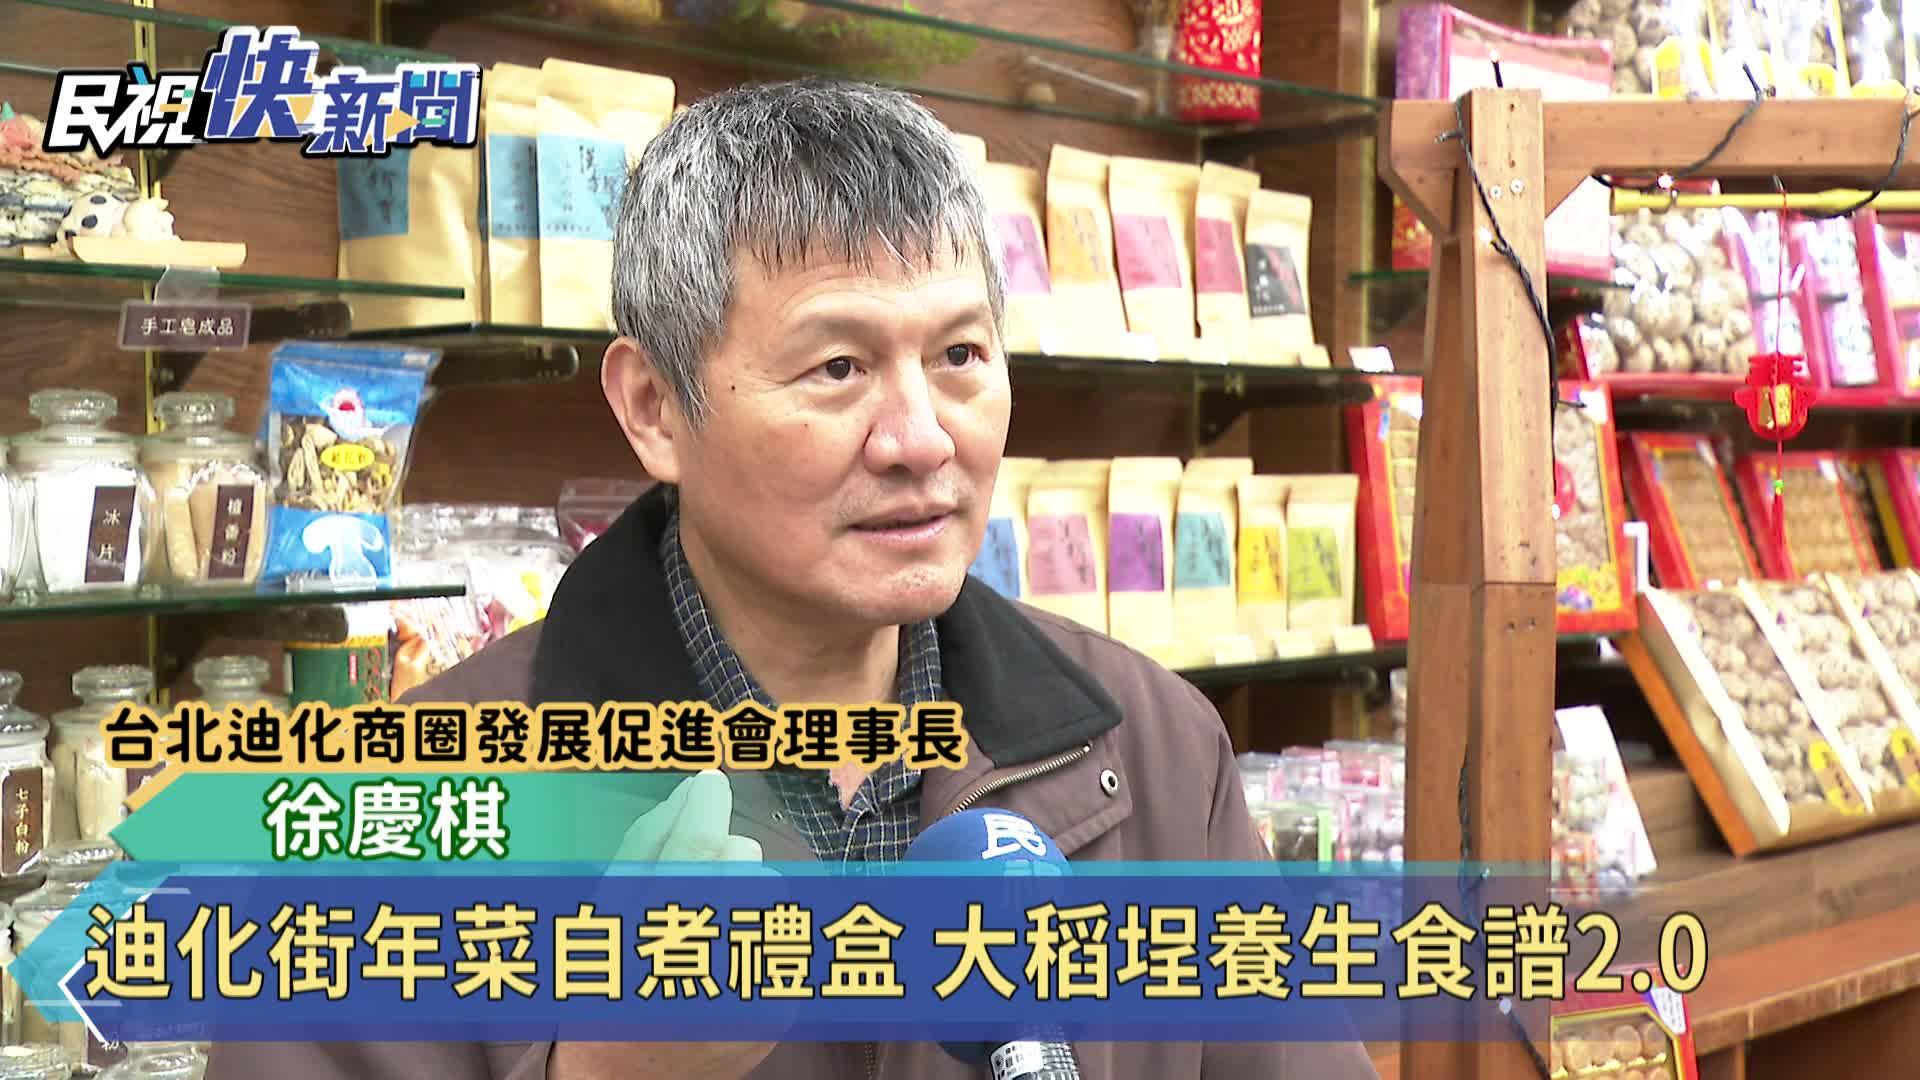 迪化商圈推年菜自煮禮盒「大稻埕養生食譜2.0」搶市